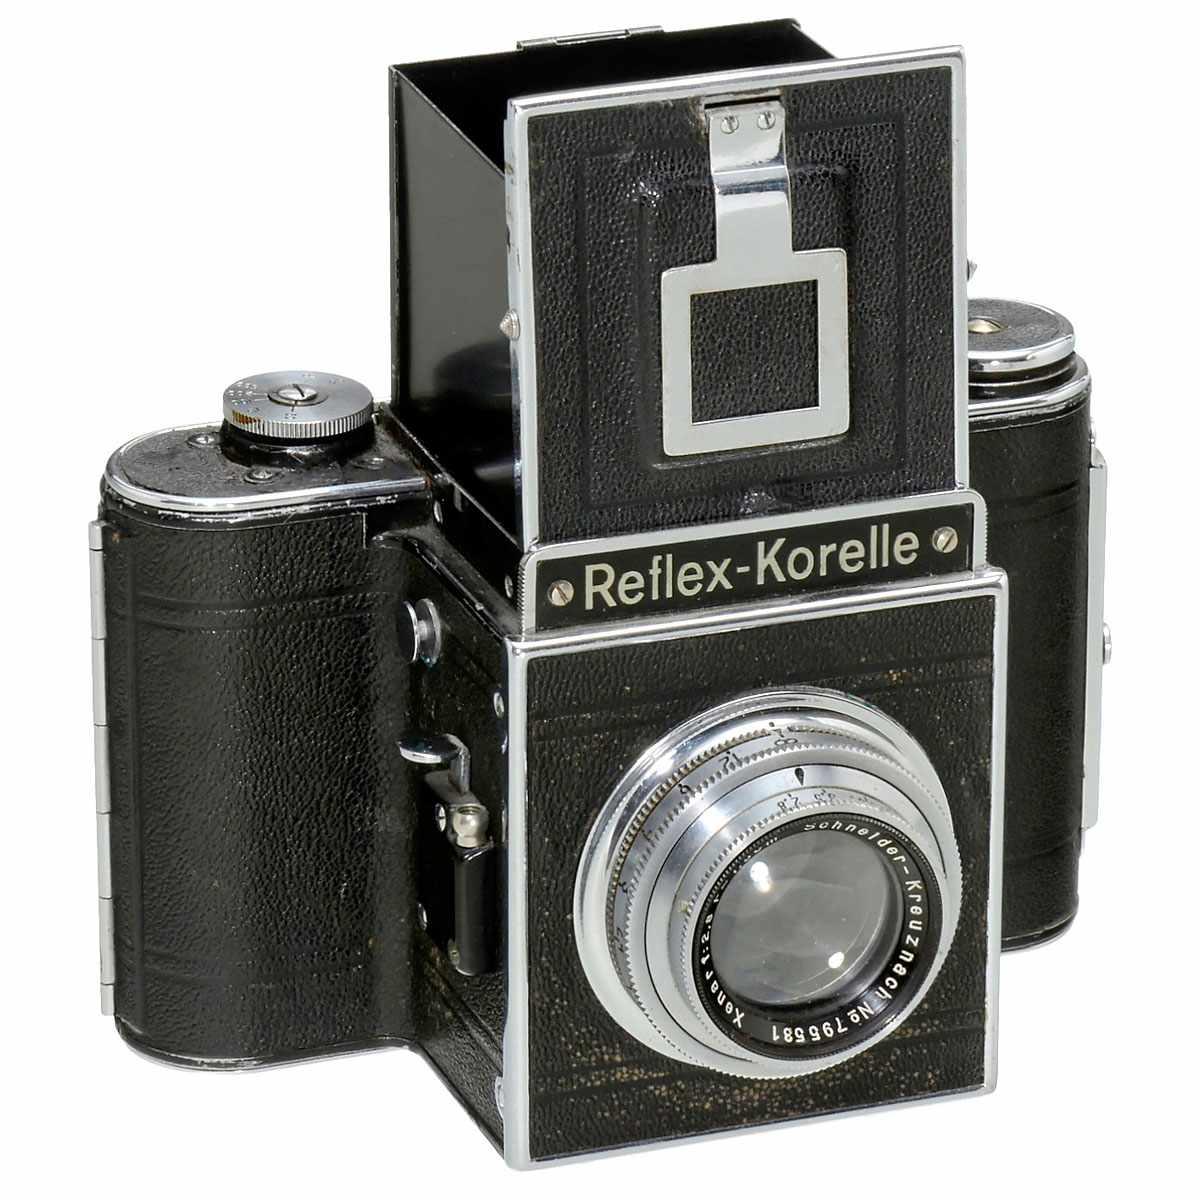 K.W. Reflex-Box and Reflex-Korelle 1) Kamera-Werkstätten, Dresden. Reflex-Box, SLR camera, for 8 - Bild 2 aus 3